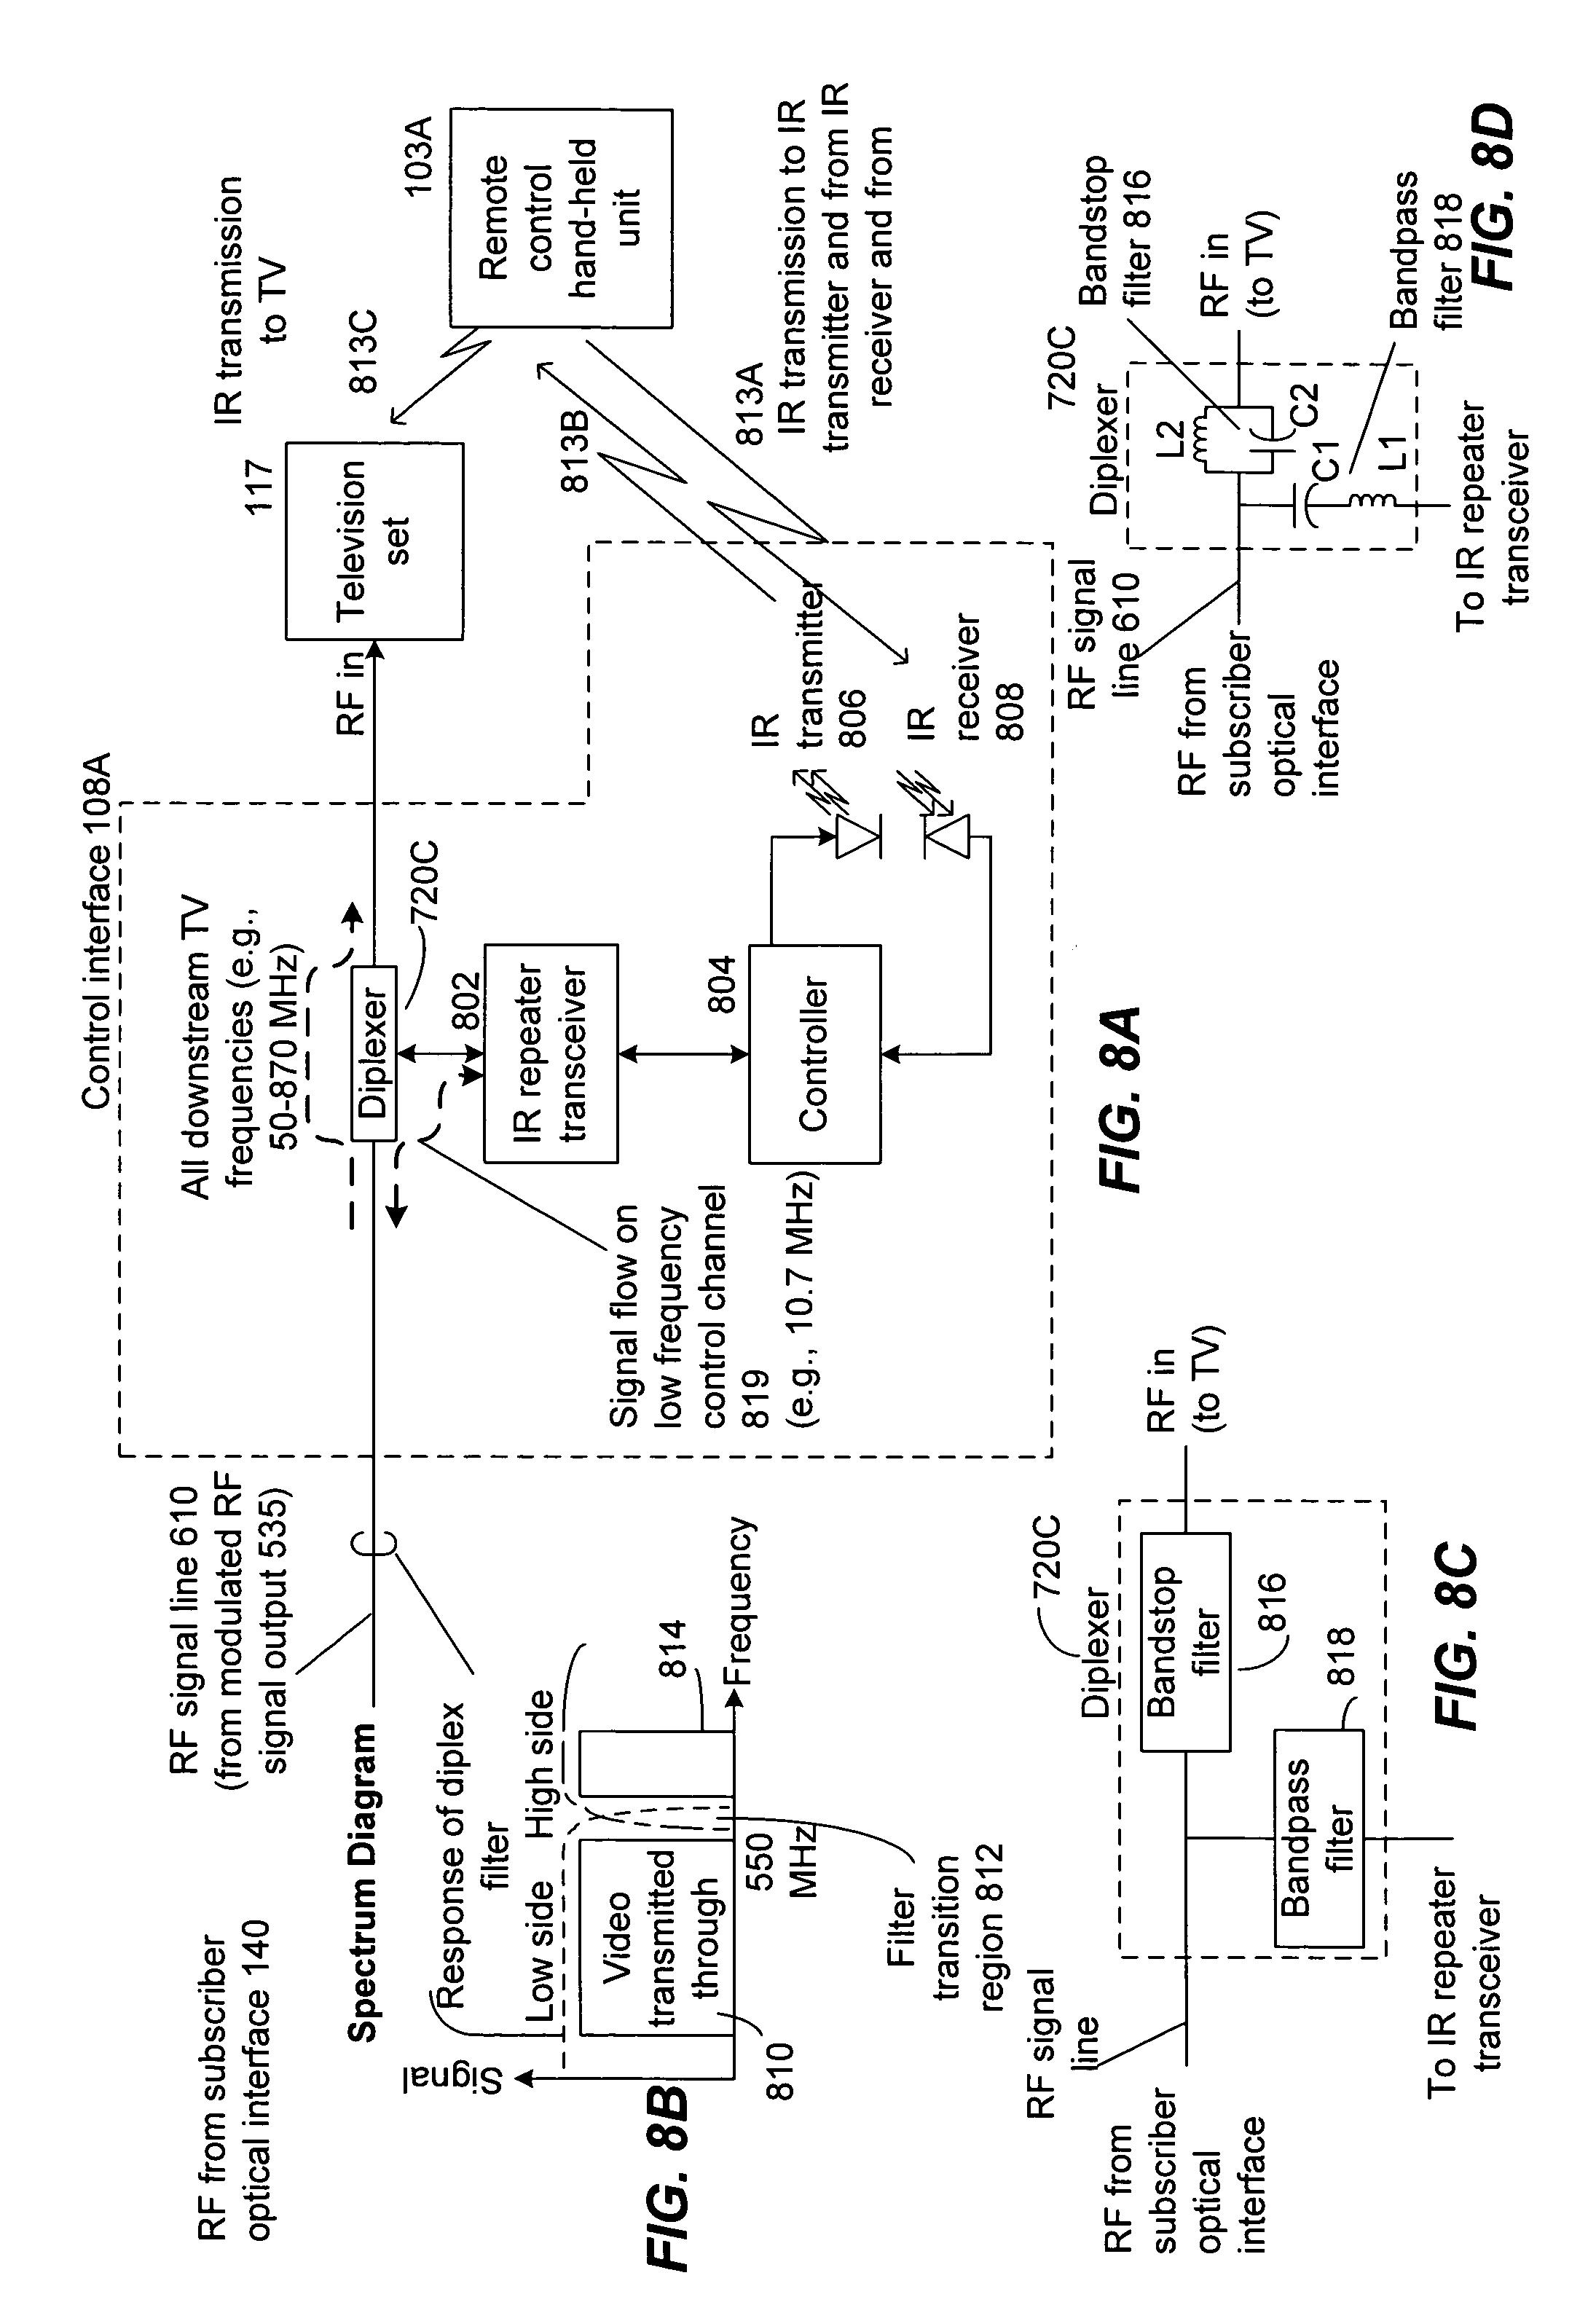 Patent Us 7529485 B2 Infrared Transmitter Circuit